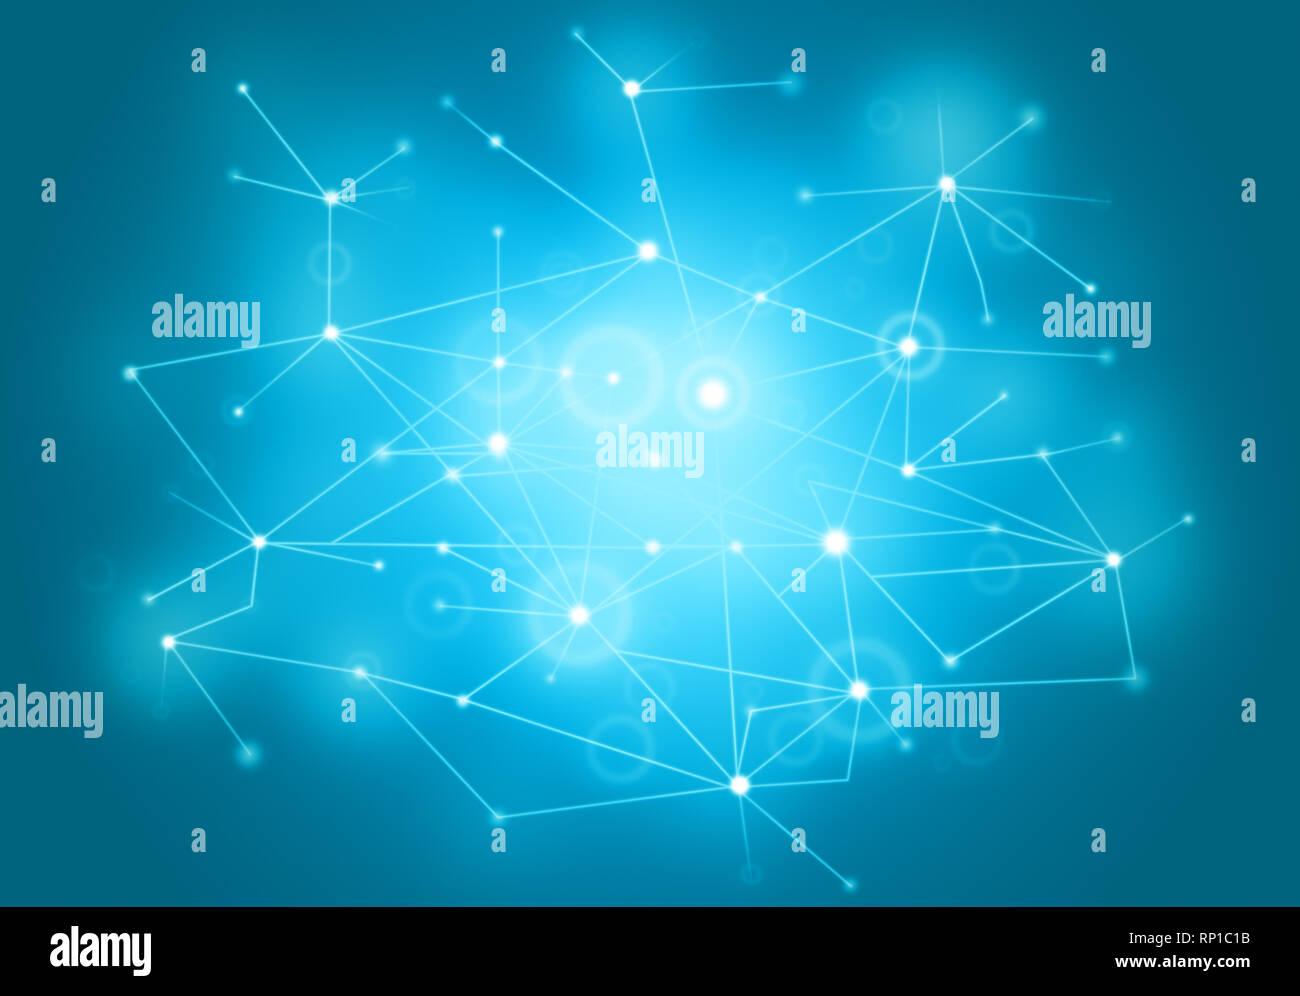 Futurista estilo poligonal red vector abstracto antecedentes para negocios, tecnología o ciencia de presentación. Estructura Molecular, puntos cibernéticos. Imagen De Stock